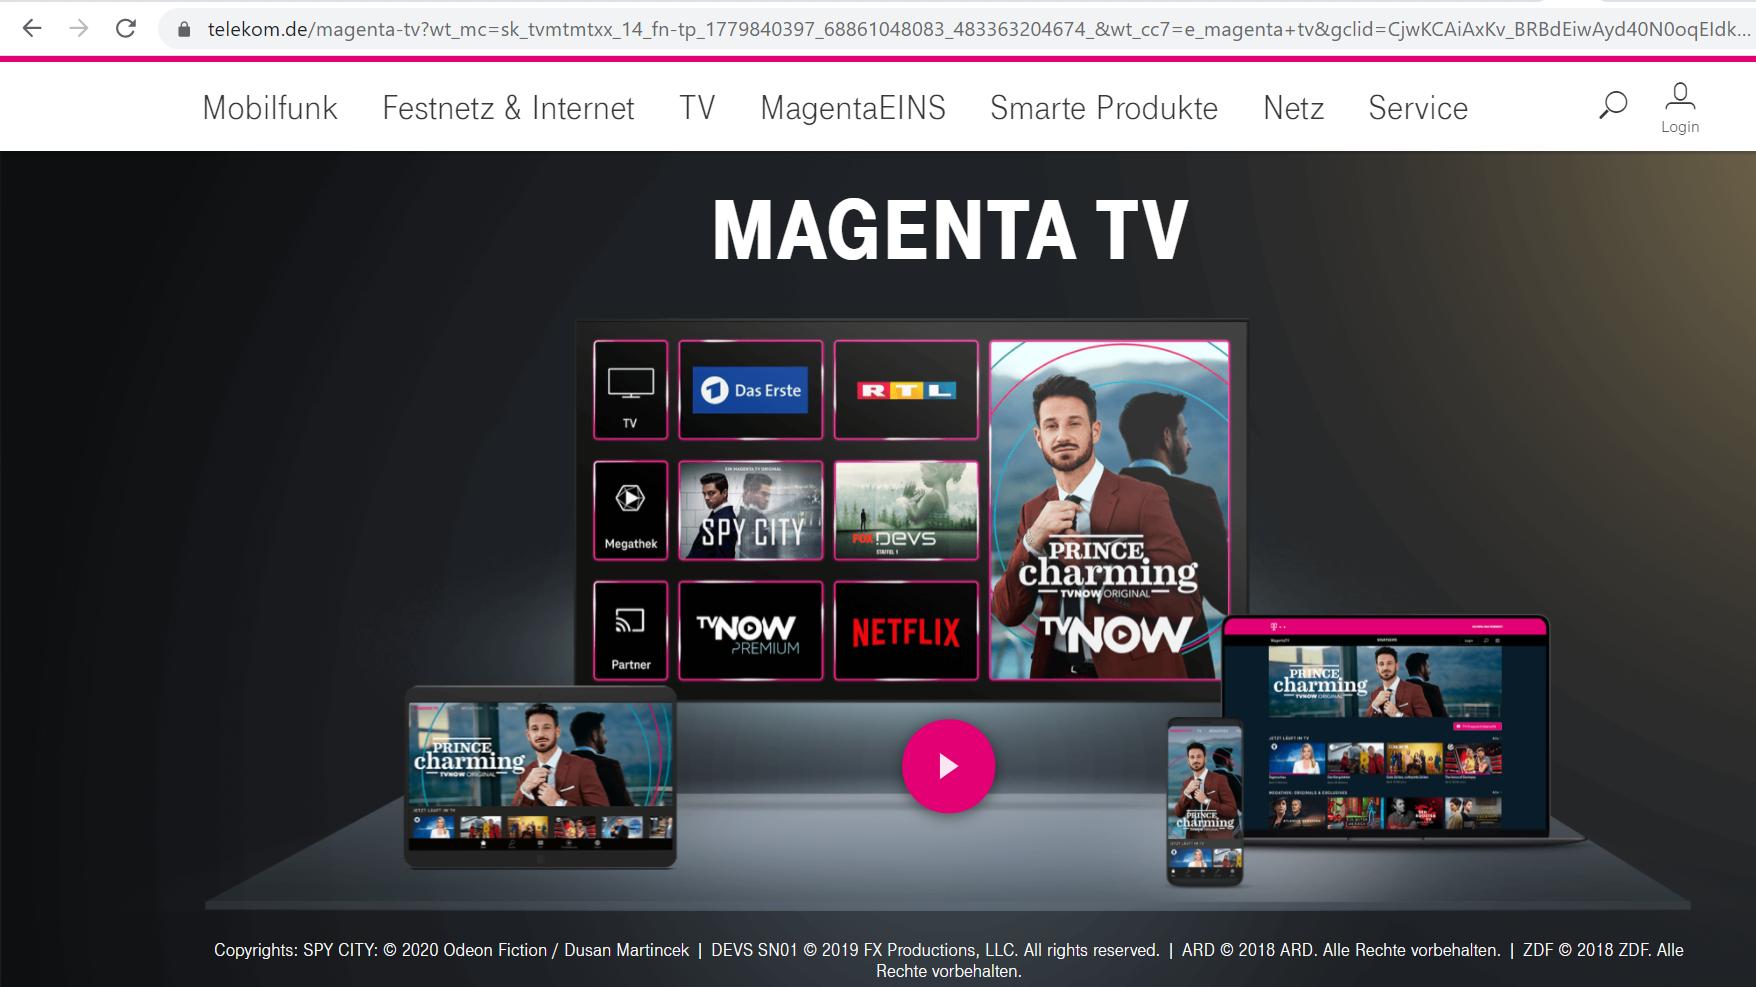 MagentaTV Update automatisch installieren oder manuell anstoßen